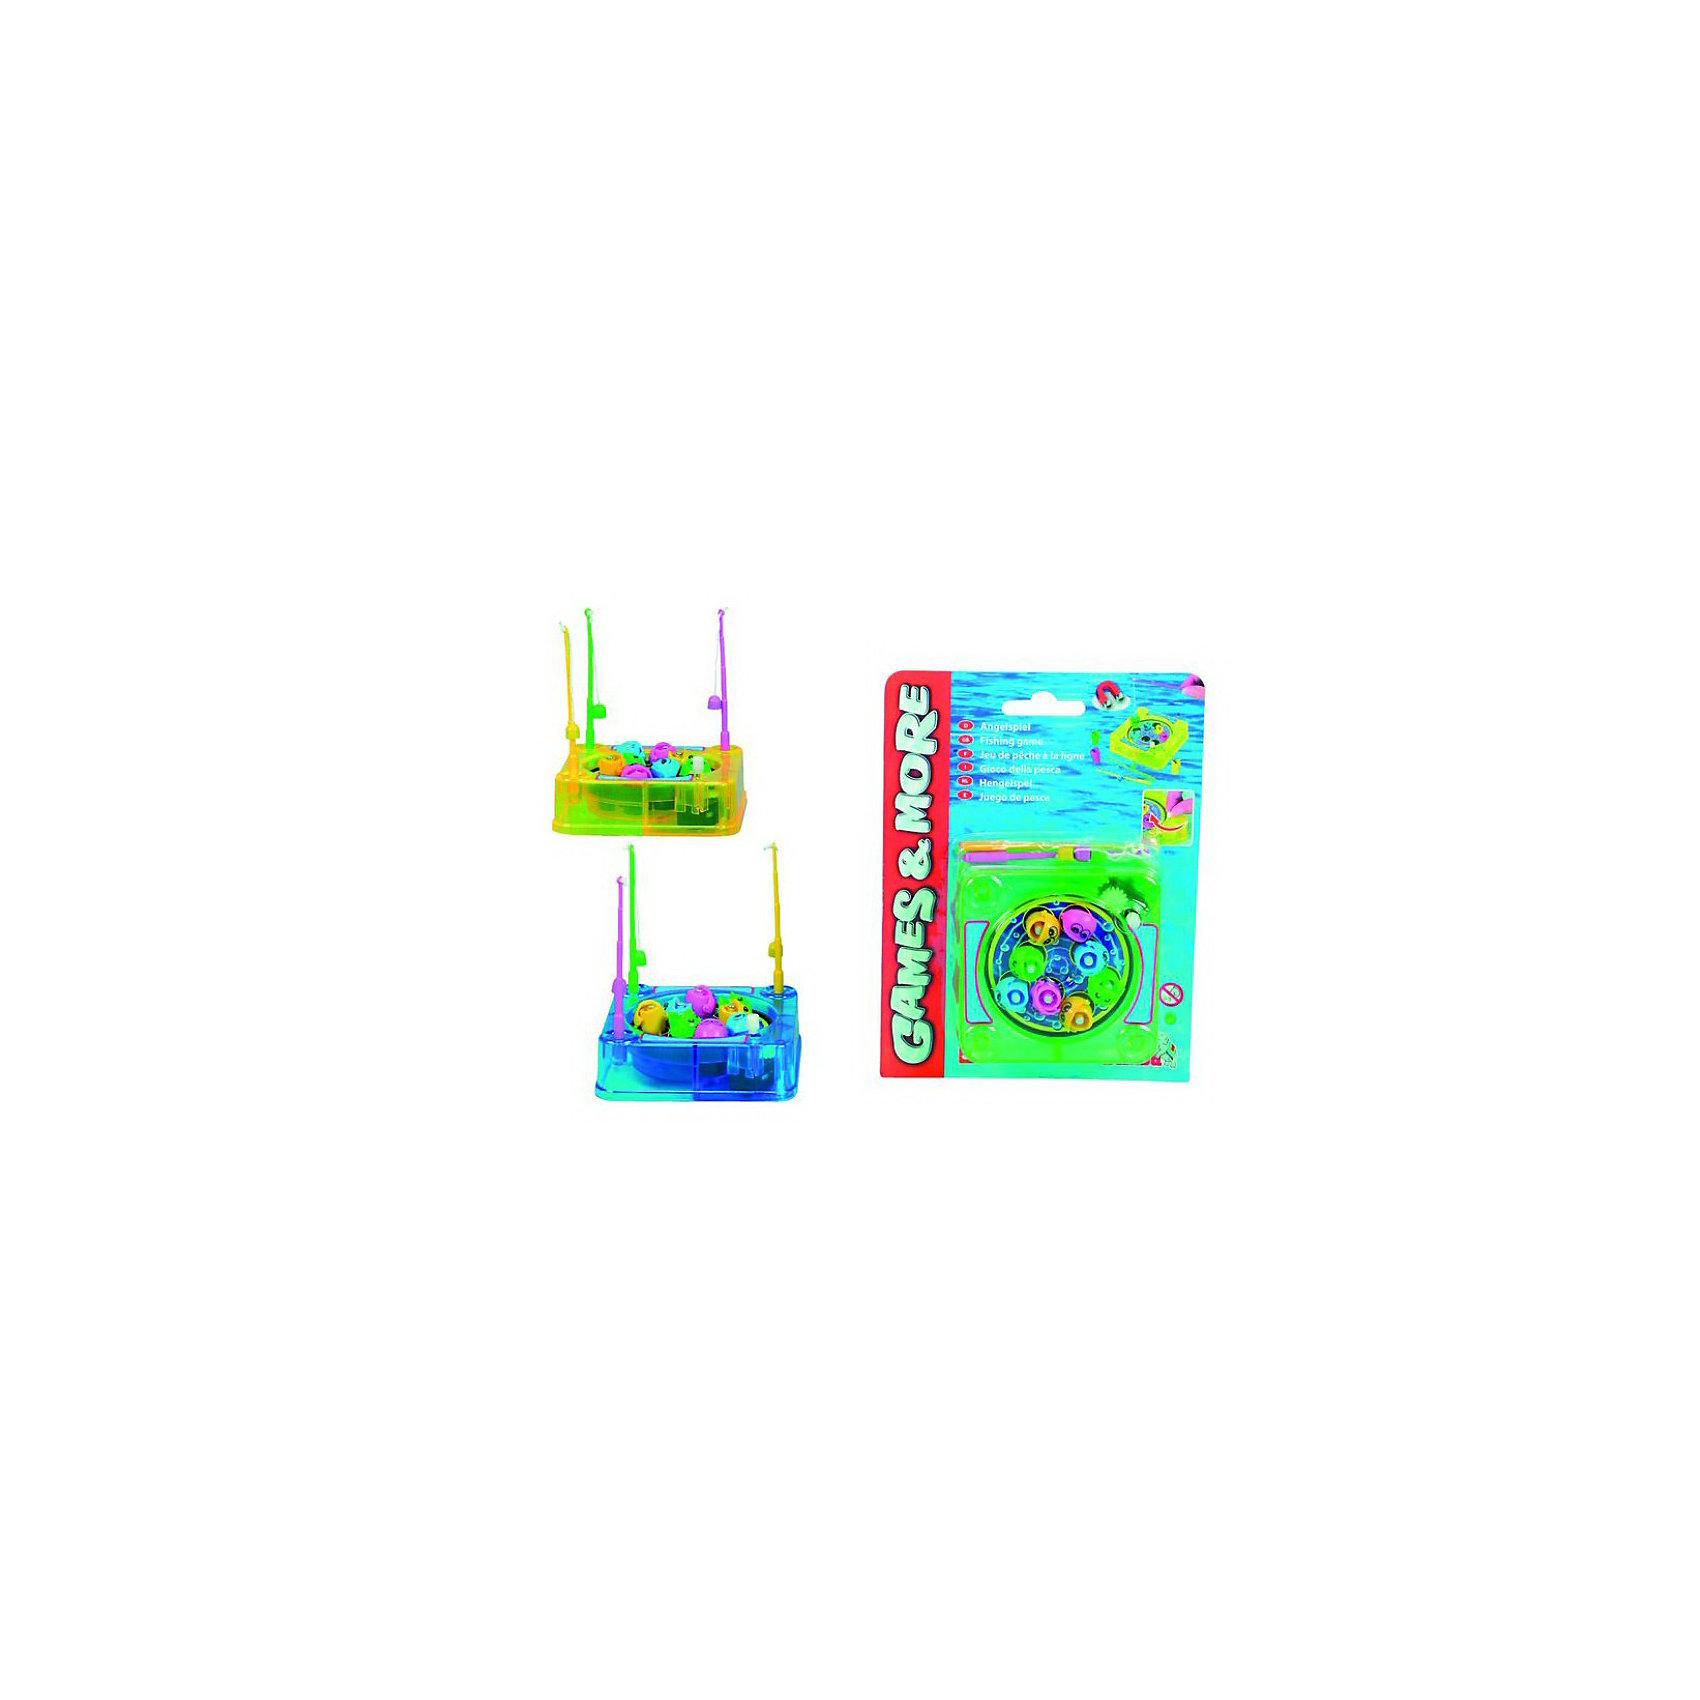 Игра Рыболов, SimbaКлассическая и любимая всеми детьми игра в рыбалку. Цель игры - выловить с помощью удочки всех рыбок из бассейна. В игре могут участвовать три игрока по количеству удочек. Удочки и рыбки снабжены магнитами. Специальный механизм заставляет рыбок быстро двигаться по бассейну, их ротики открываются и закрываются. Чтобы поймать как можно больше разноцветных рыбок, нужны ловкость и  хорошая реакция. Отличная игра  для совместного времяпрепровождения с детьми . <br><br> Дополнительная информация: <br><br>-В комплекте :аквариум, 8 рыбок, 3 удочки.<br>-Материал: упрочненный пластик.<br>- Размер пруда: 9,5х9,5х3 см.<br>- Размер упаковки: 20 X 15 X 3 см.<br>- Вес: 85 гр.  <br><br>Игрушка развивает у детей ловкость и координацию движений. <br>Приобрести игру Simba Рыболов можно в нашем магазине<br><br>Ширина мм: 200<br>Глубина мм: 150<br>Высота мм: 30<br>Вес г: 89<br>Возраст от месяцев: 36<br>Возраст до месяцев: 2147483647<br>Пол: Унисекс<br>Возраст: Детский<br>SKU: 2261050